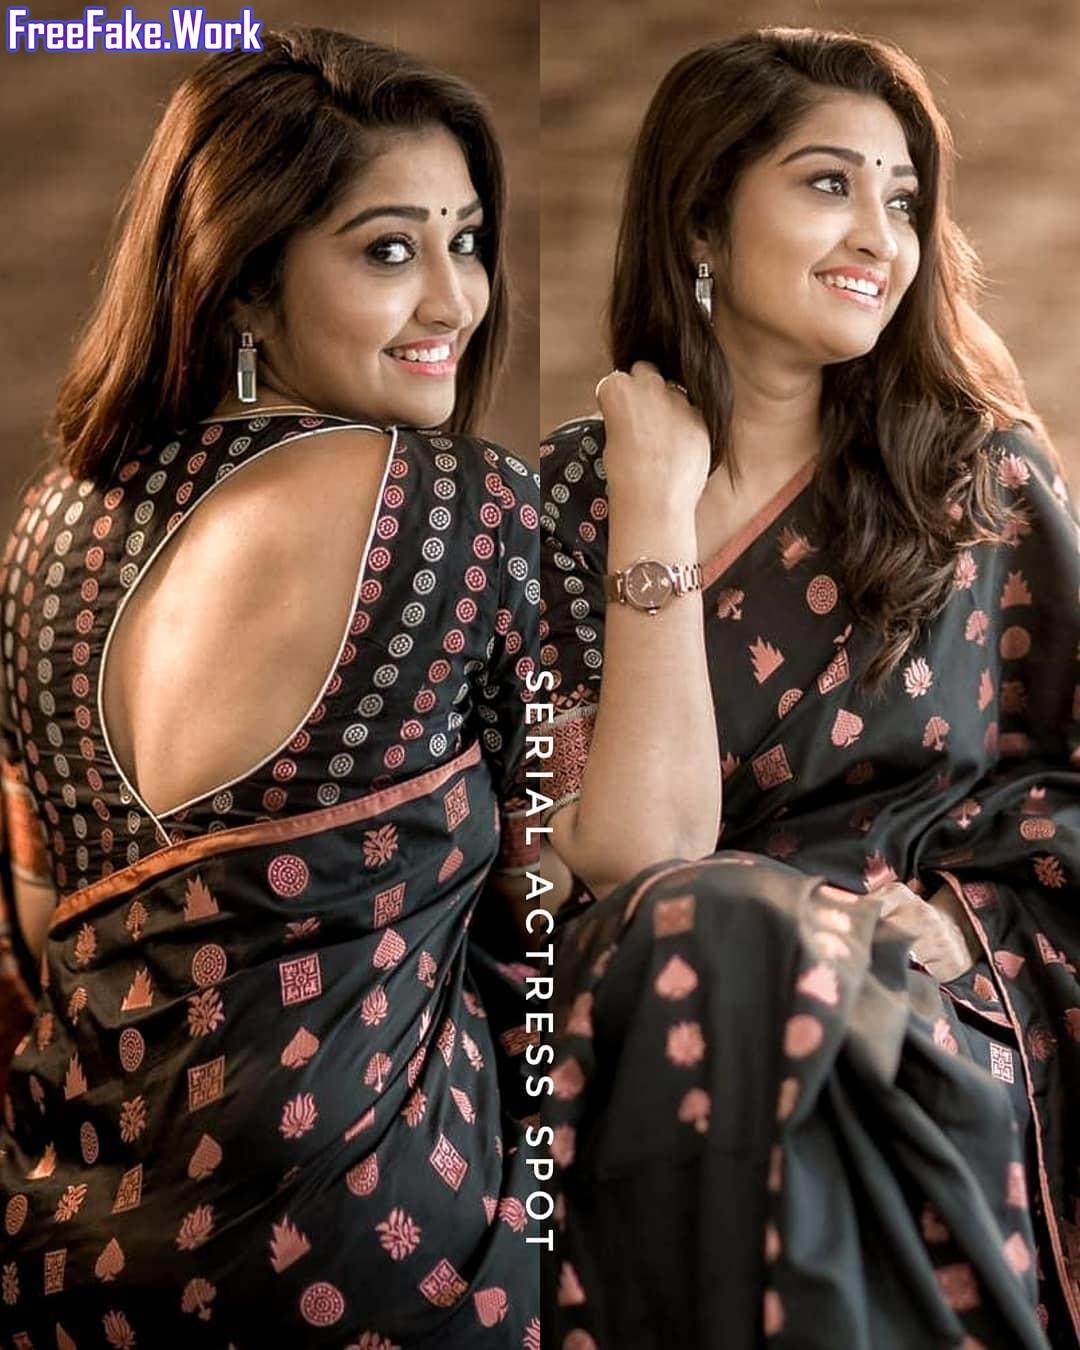 Neelima-Rani-open-blouse-sexy-saree.jpg